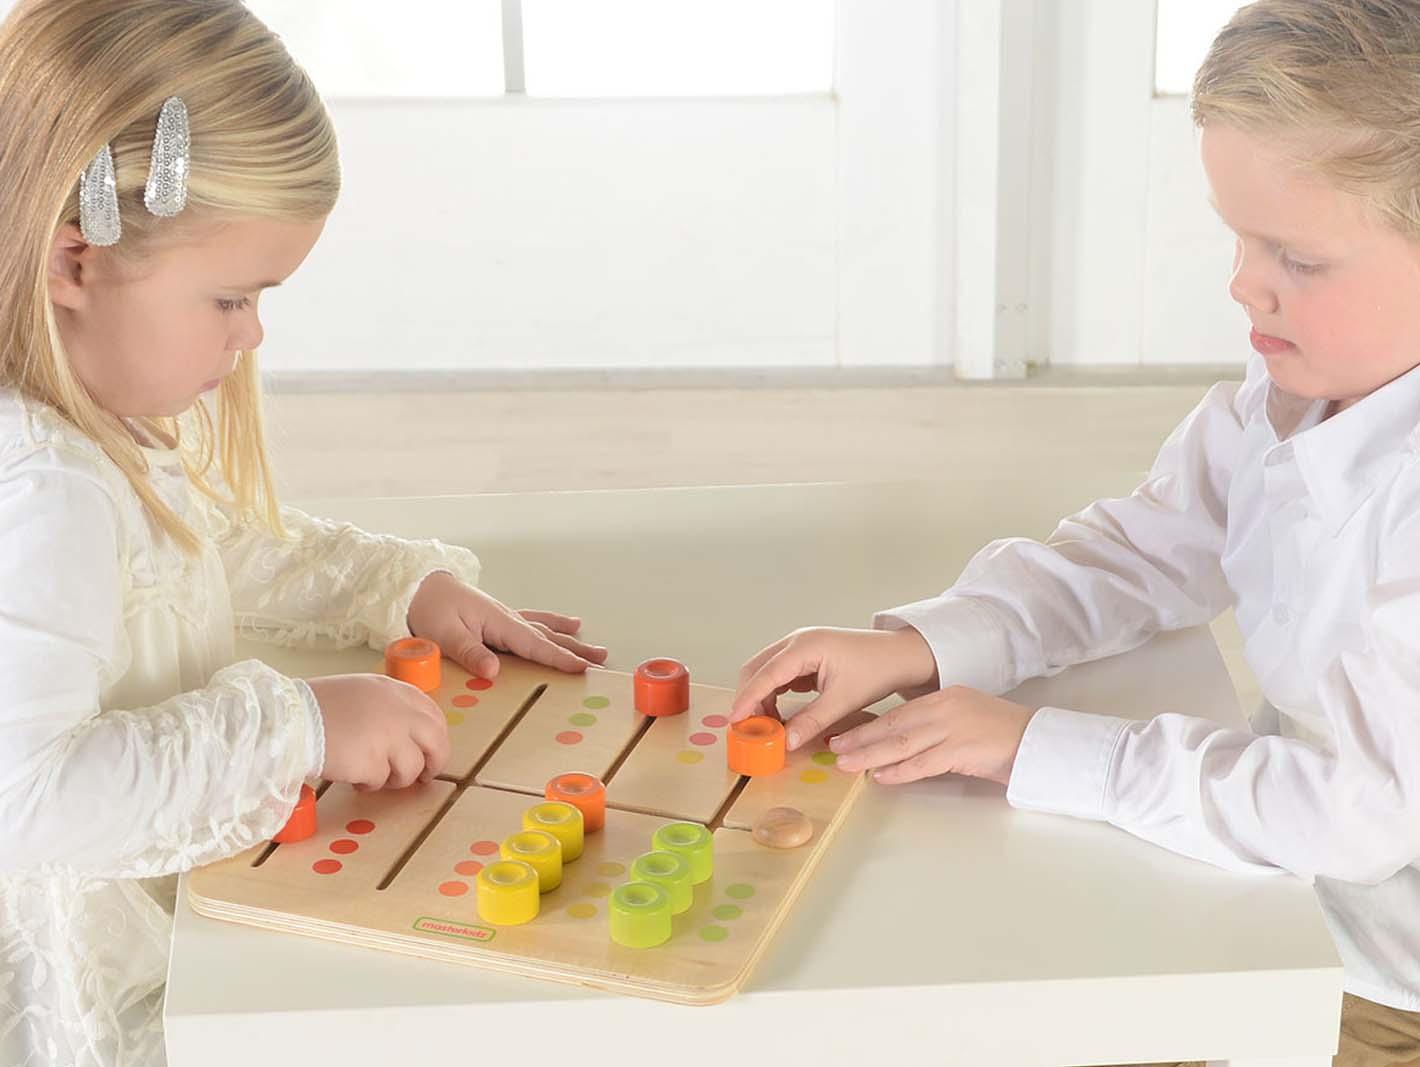 Labirint pentru sortarea culorilor, din lemn, +2 ani, Masterkidz imagine